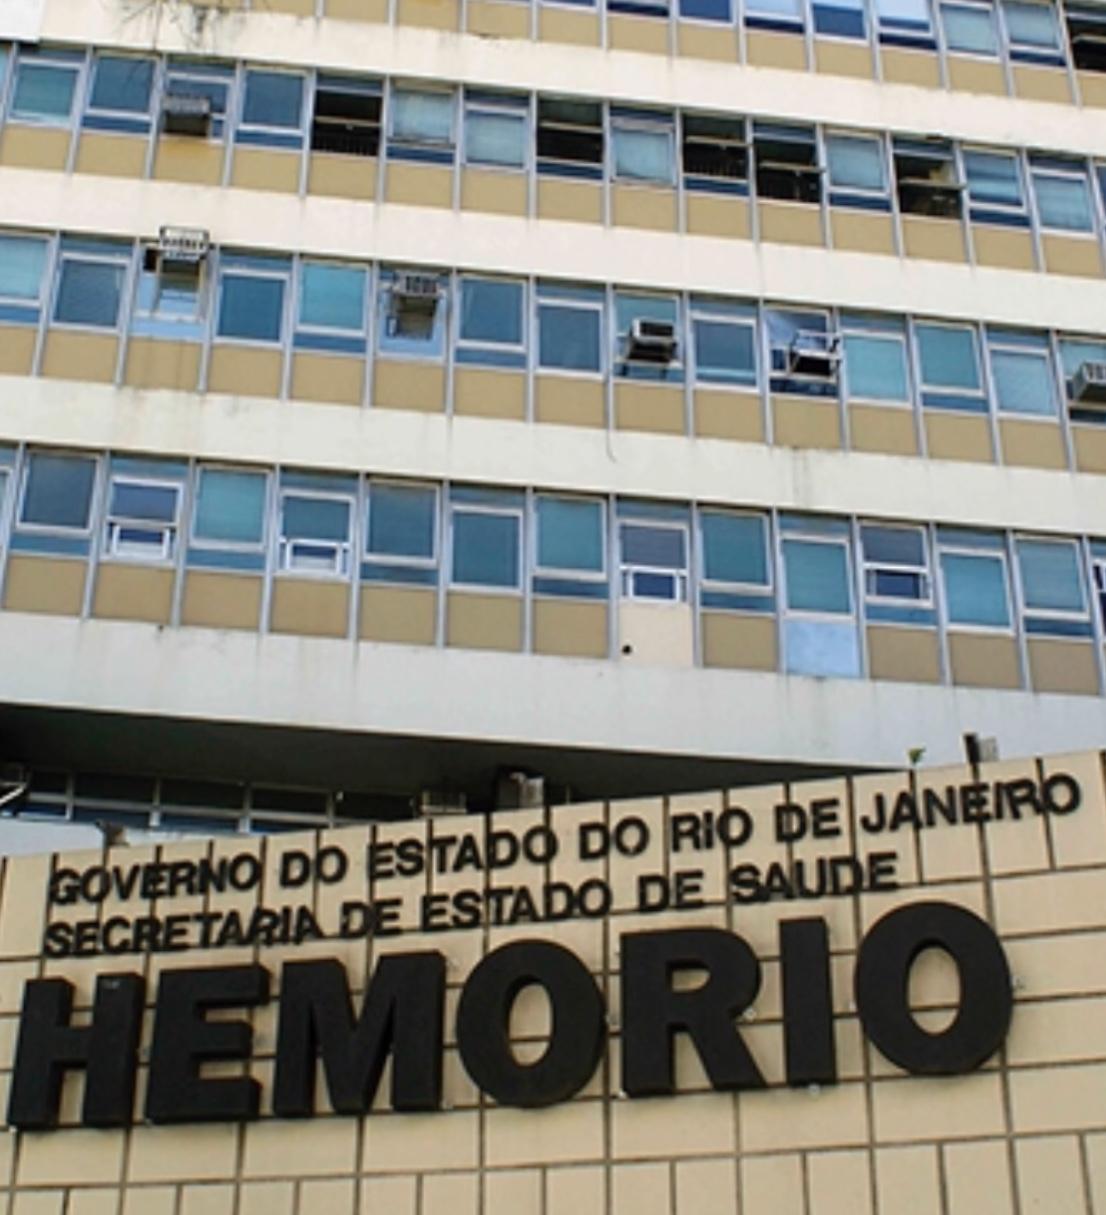 SinMed ajuizou ação que garante suprimento de insumos no Hemorio